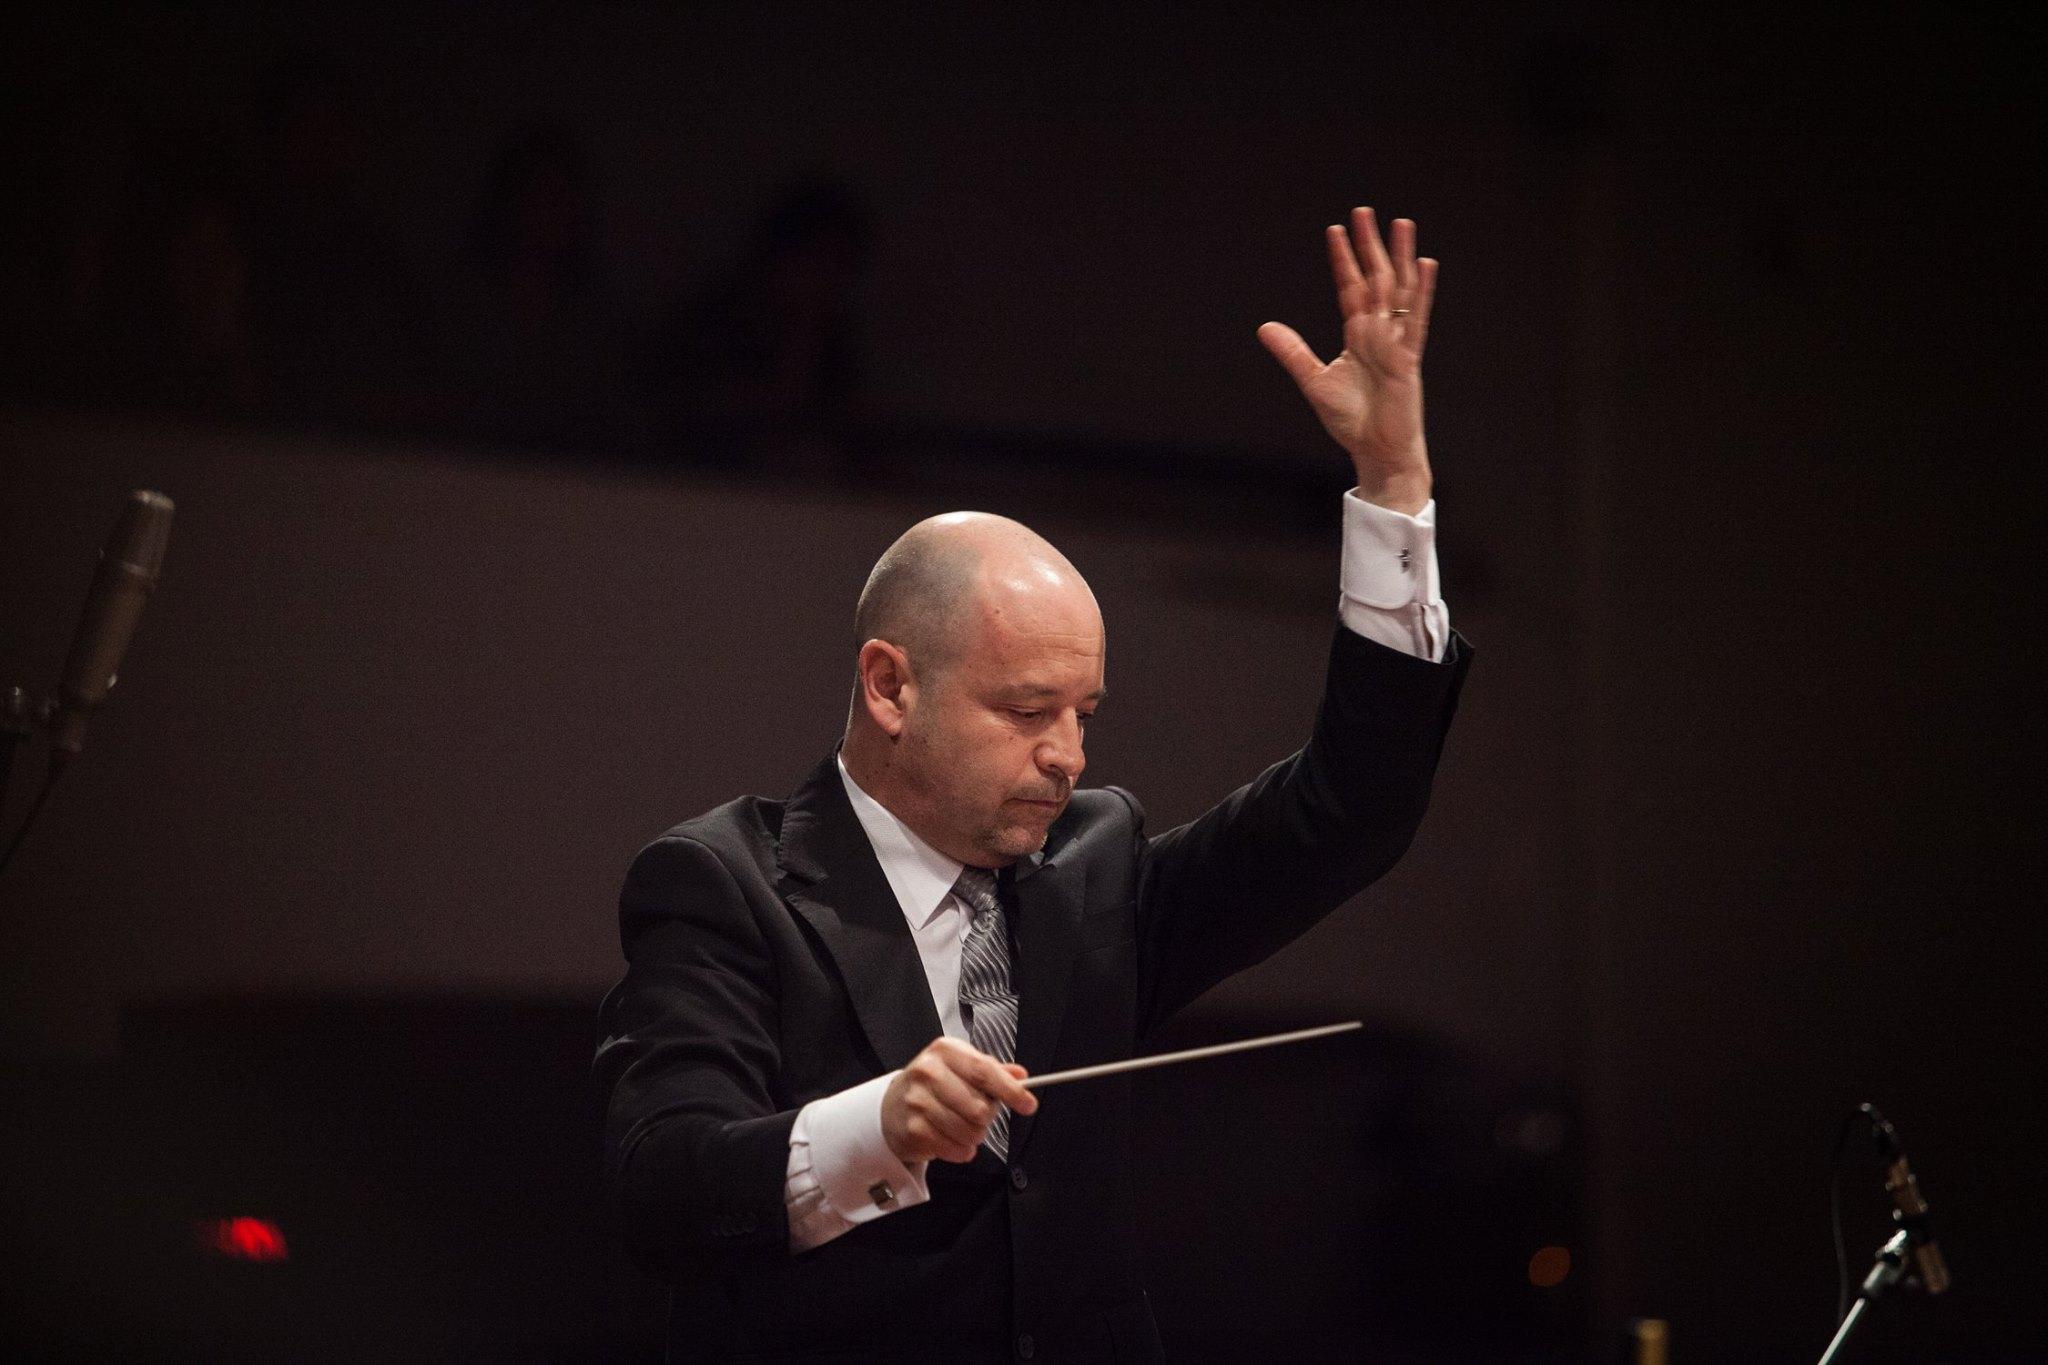 José Luis Domínguez